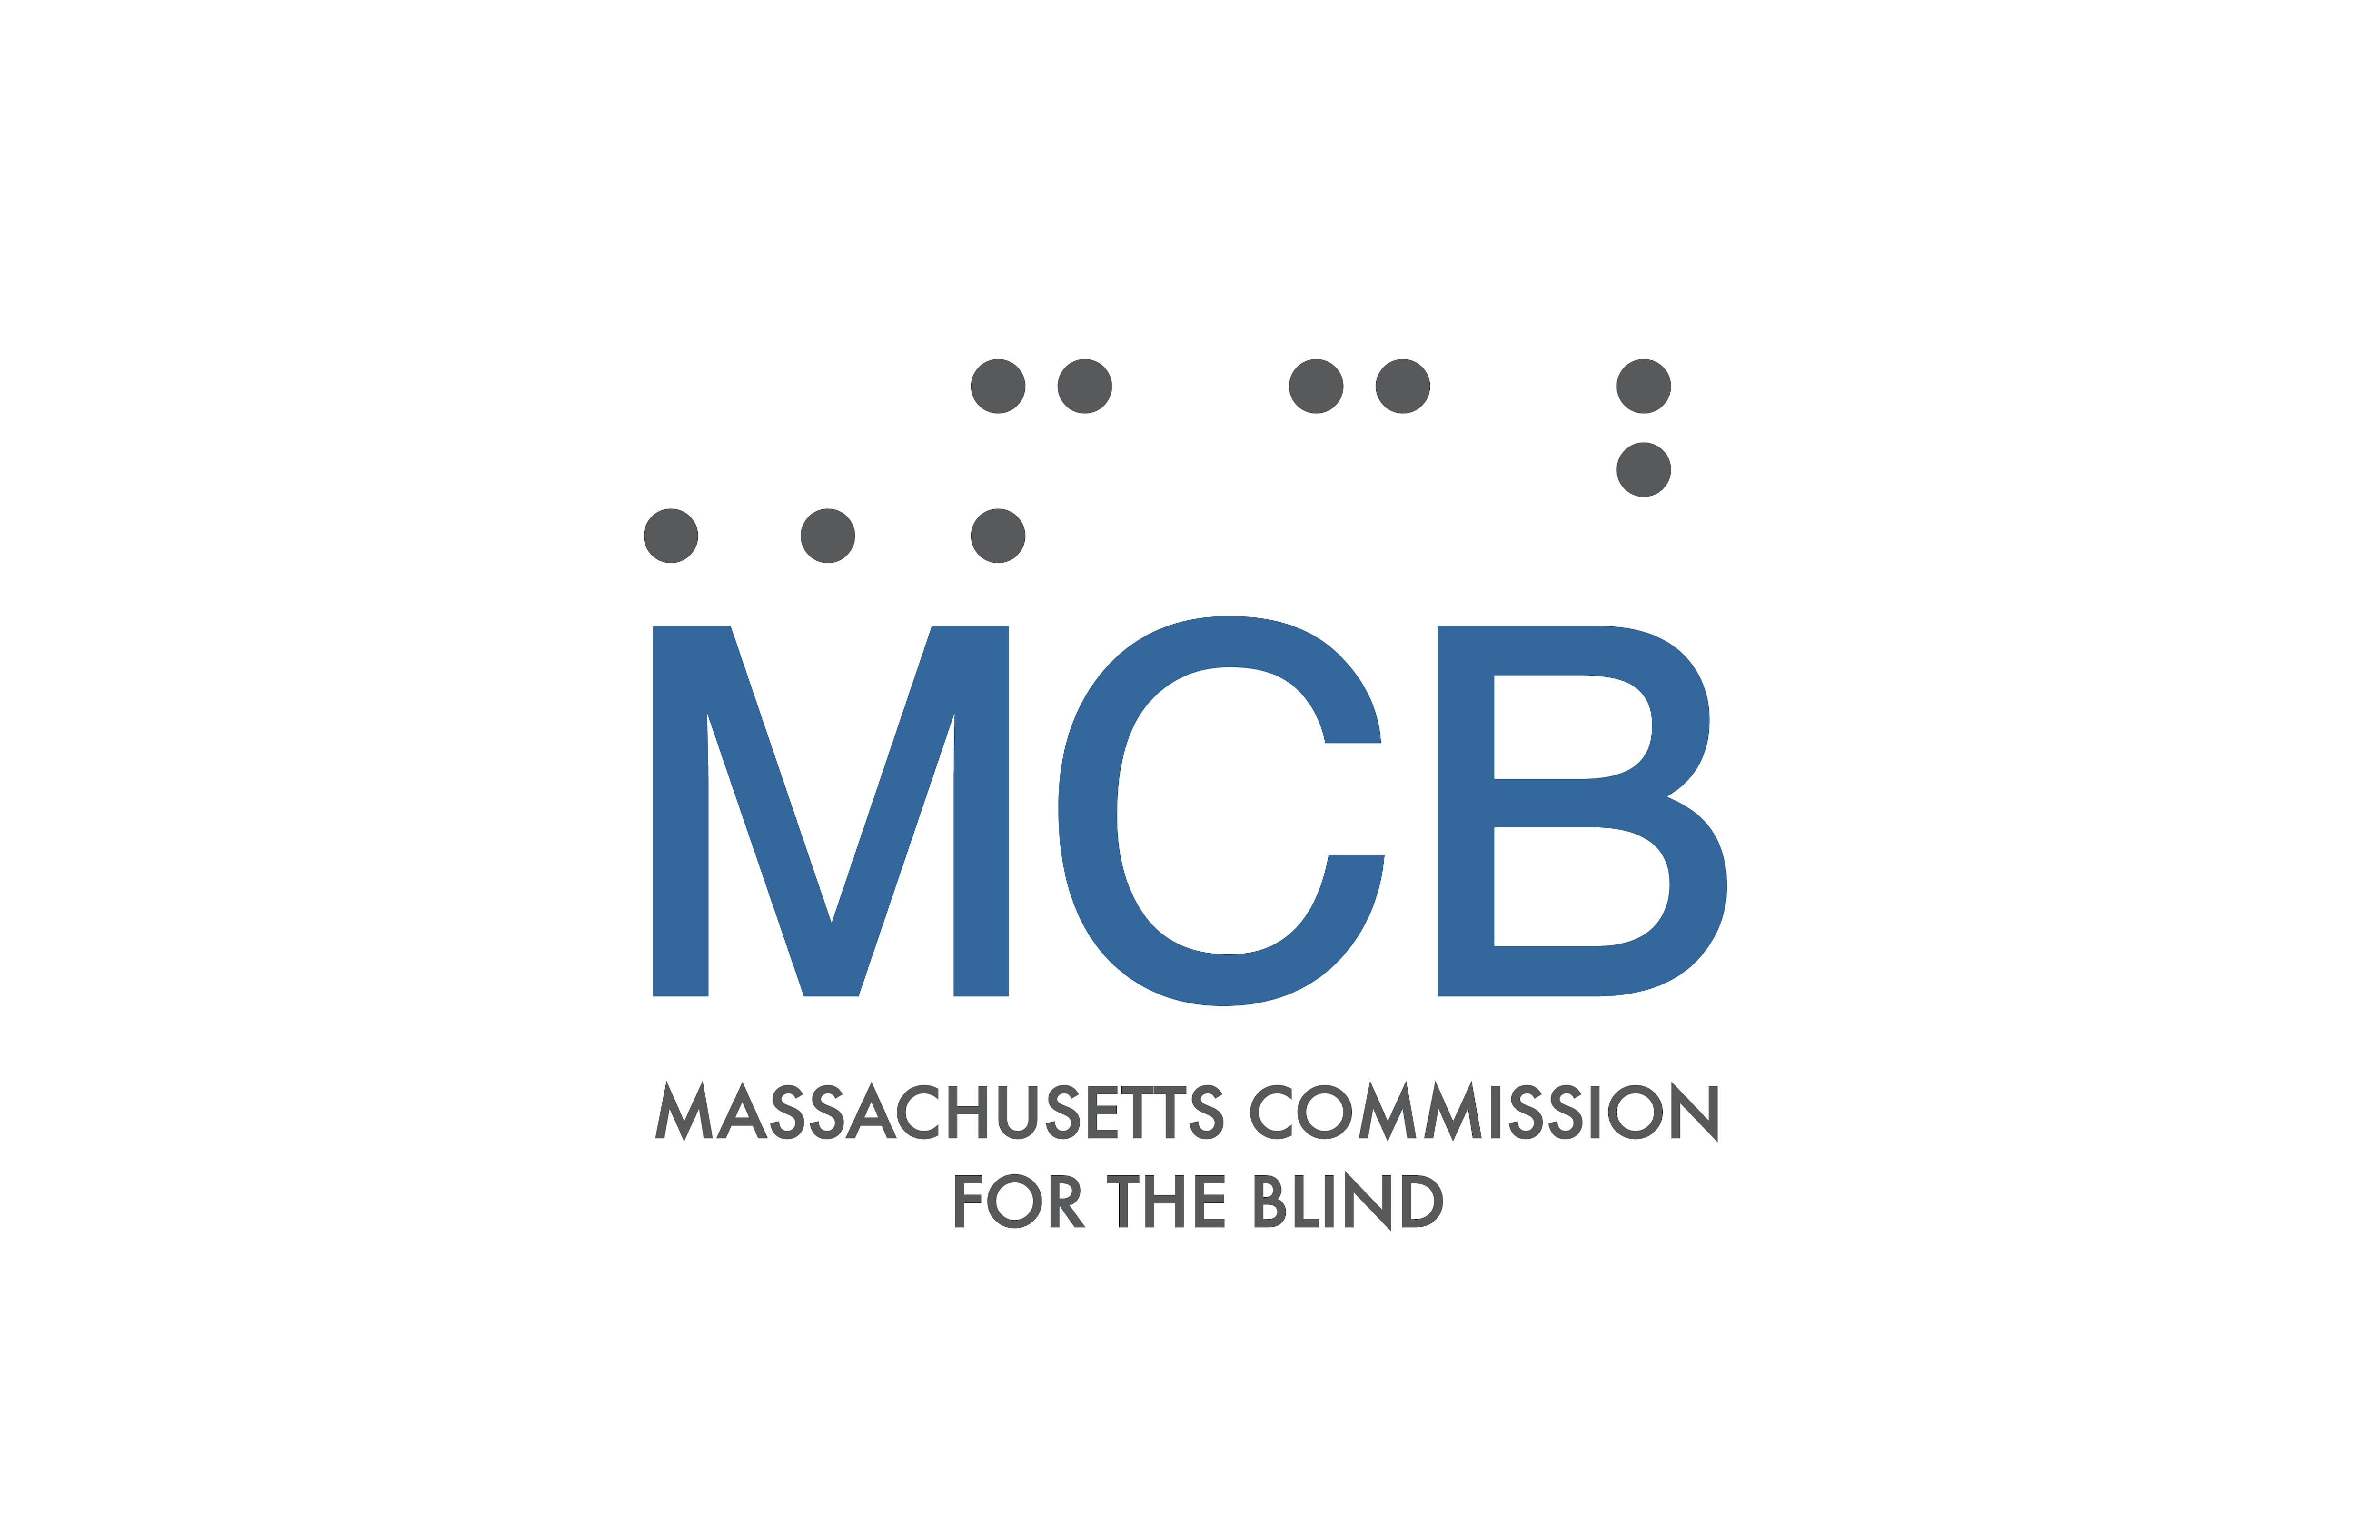 Massachusetts Commission for the Blind   Mass gov